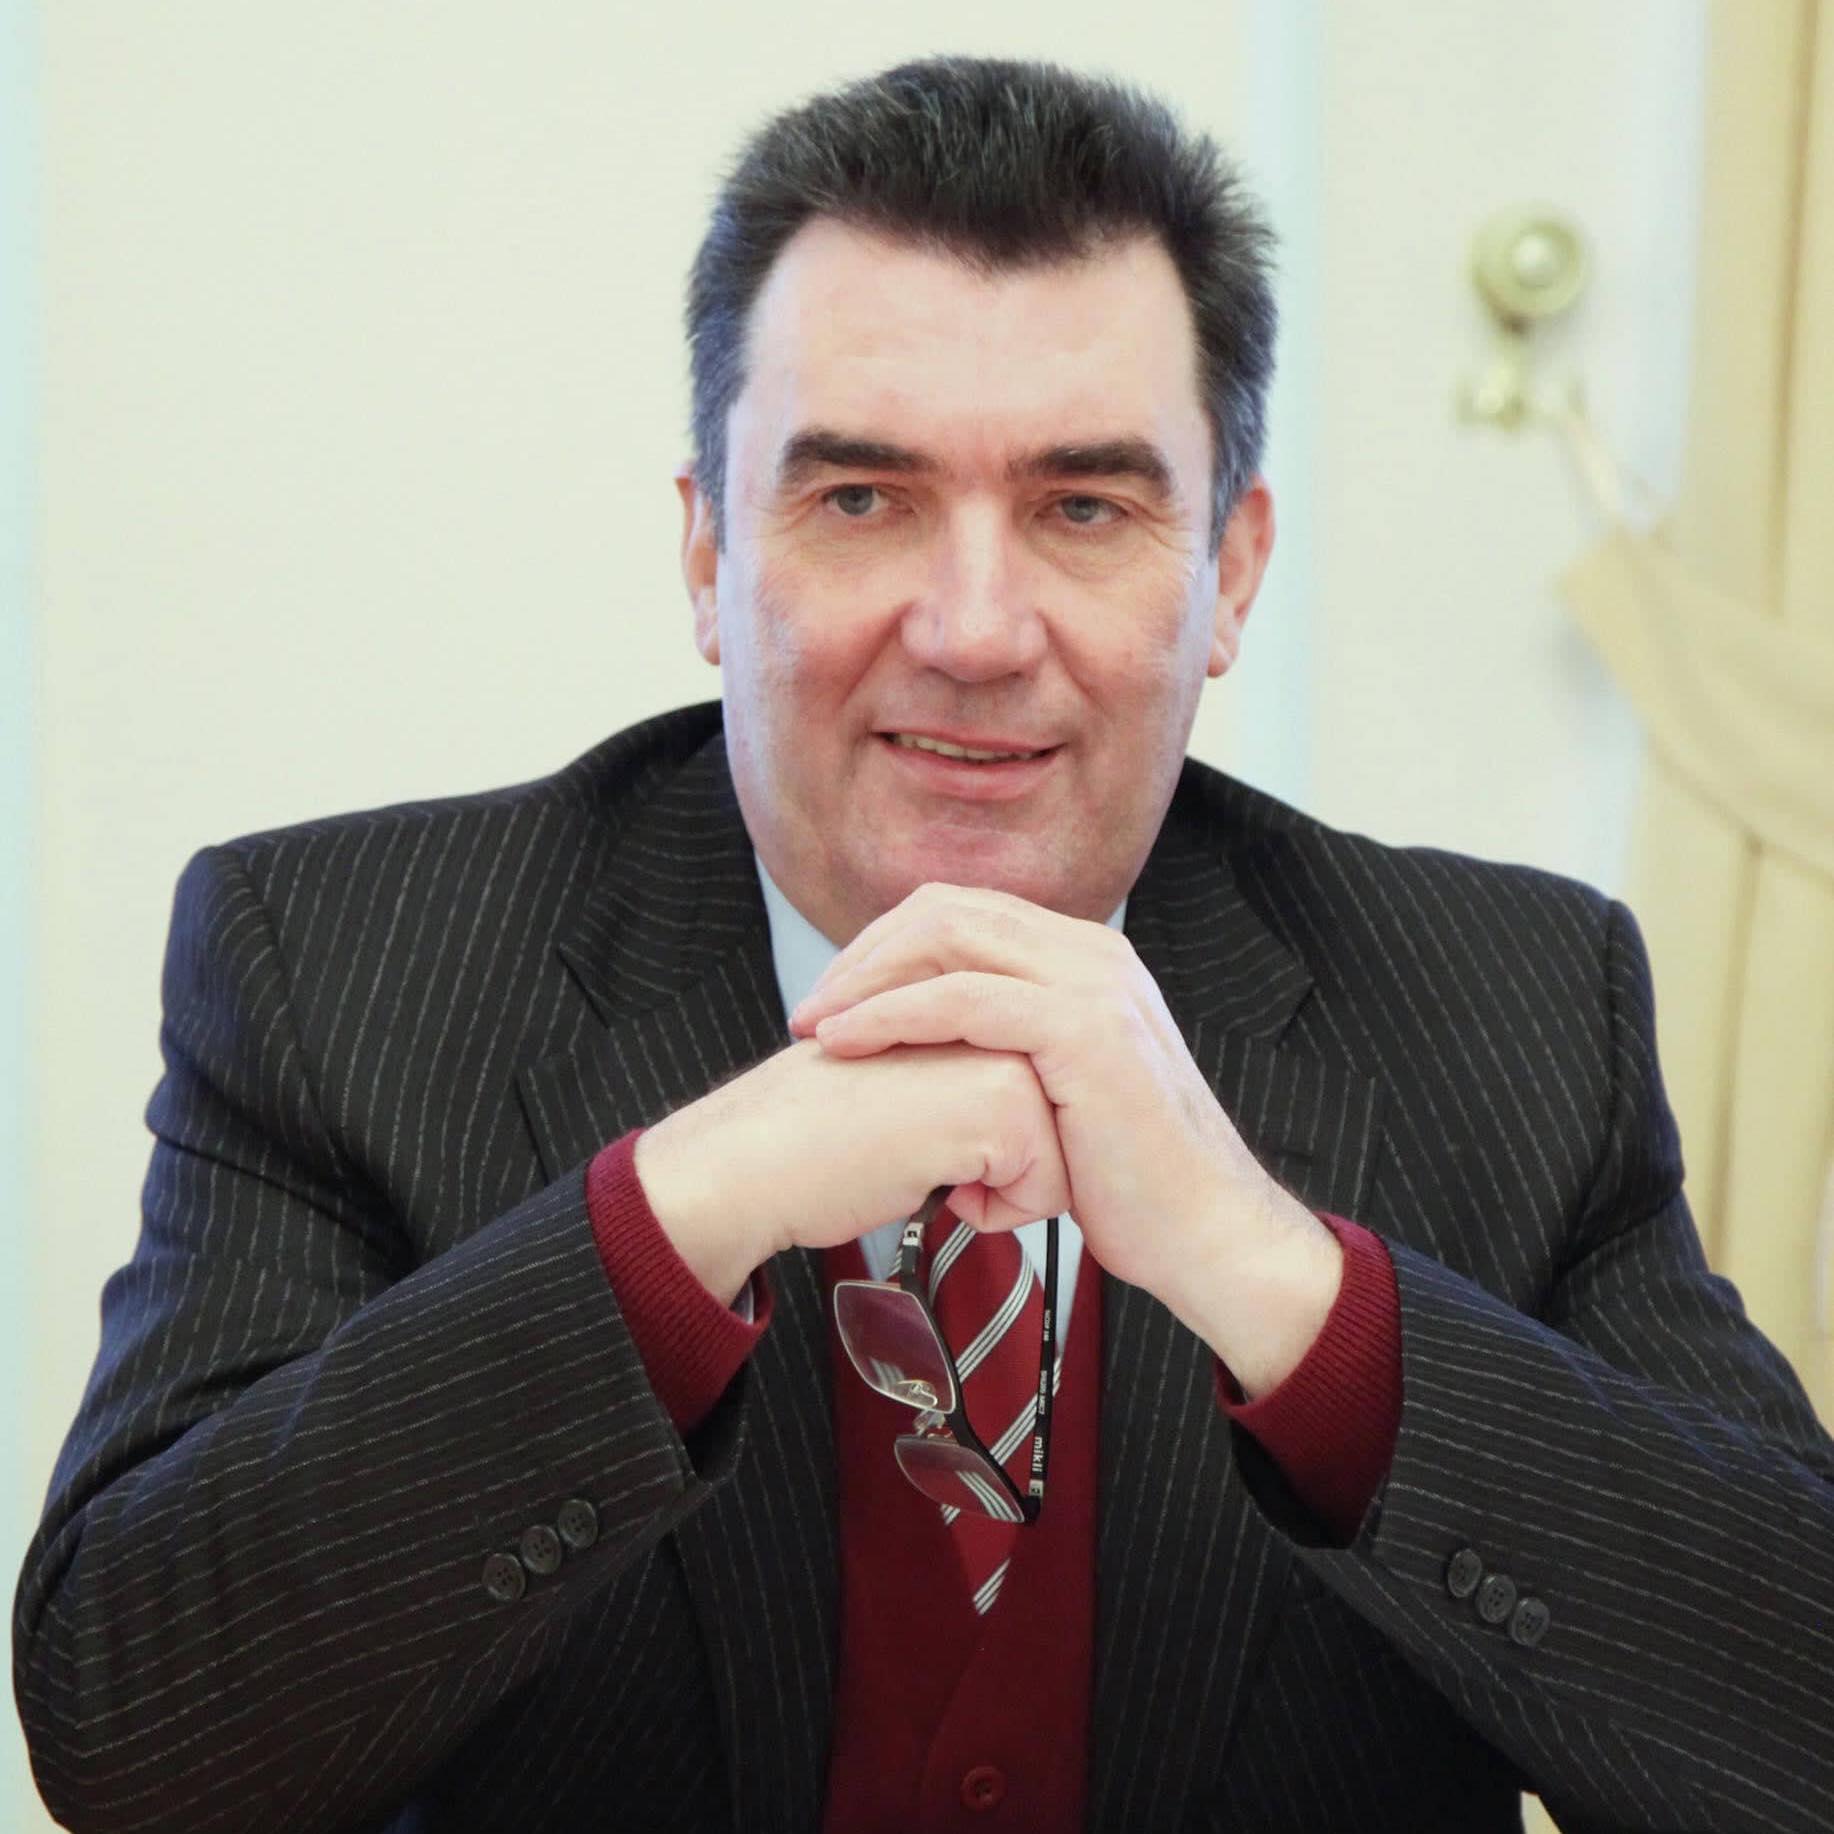 Олексій Данілов (фото: фейсбук)